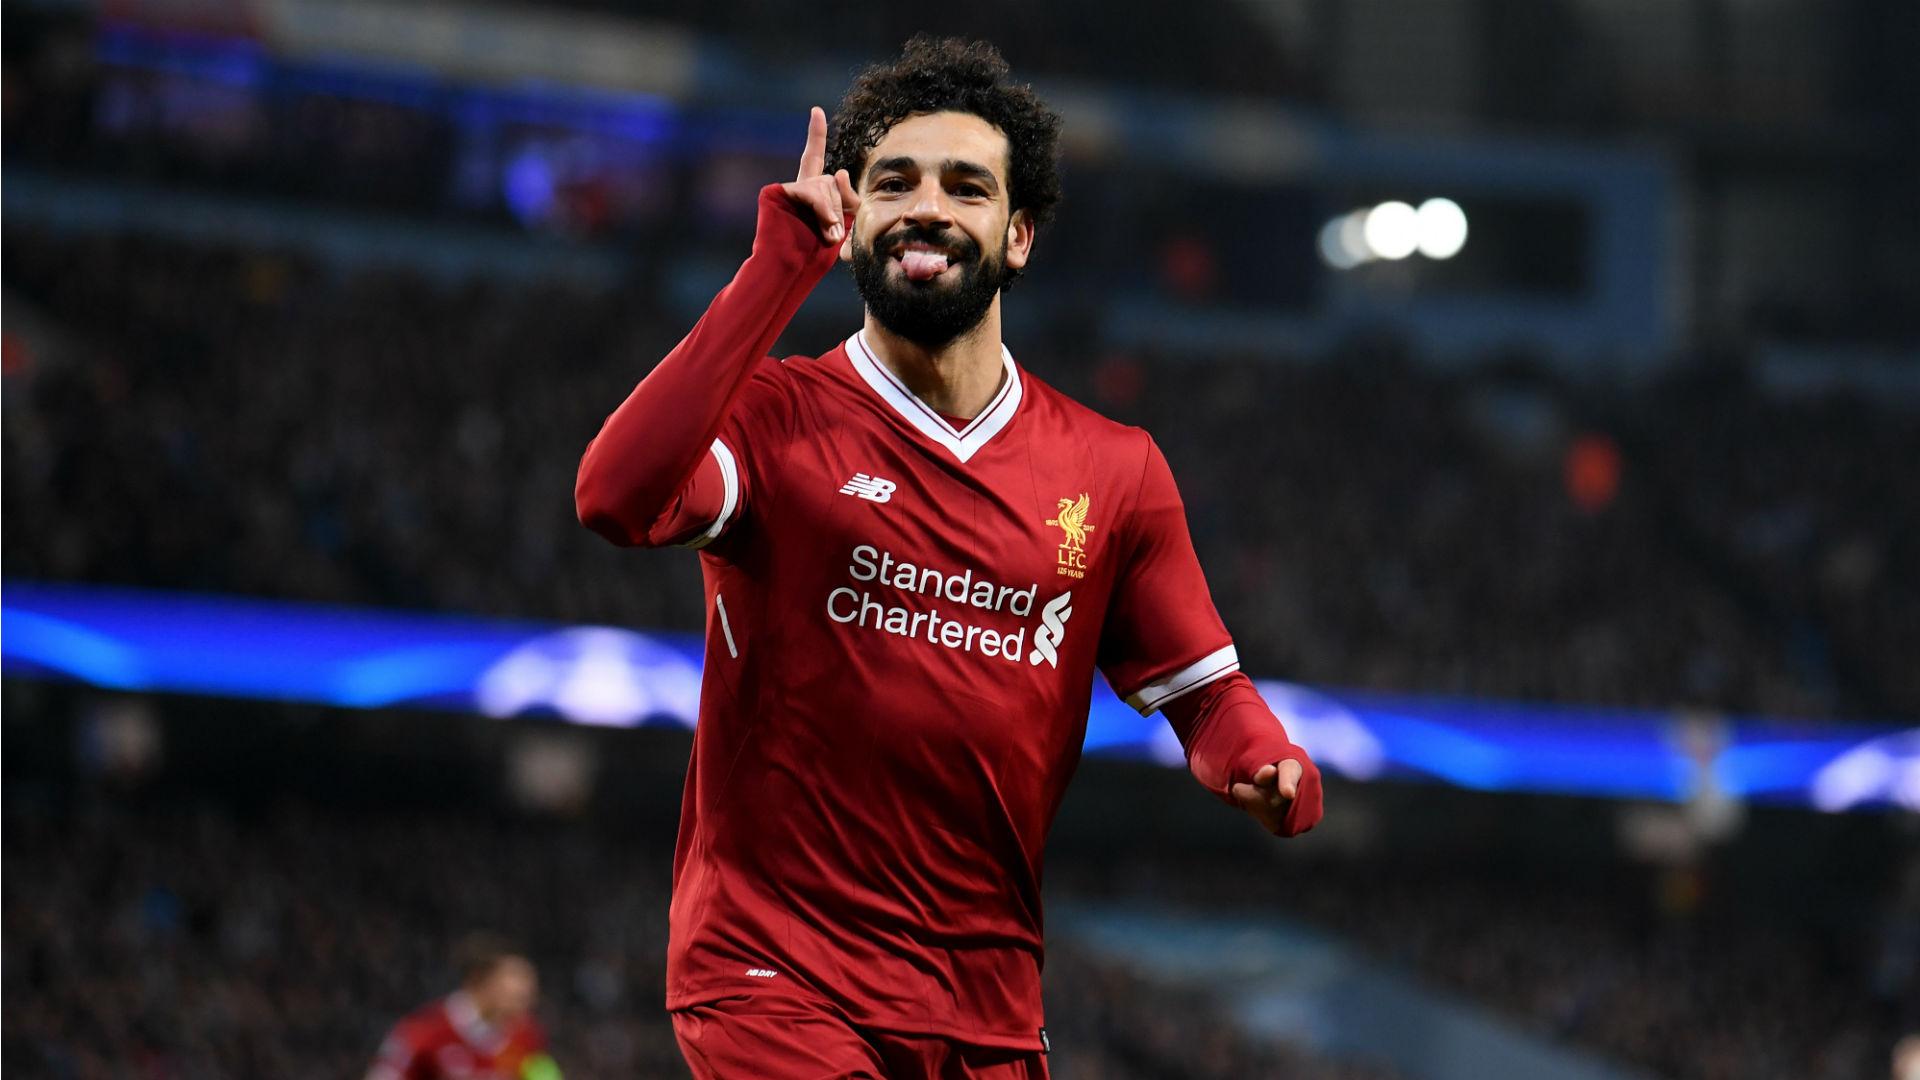 利物浦能赢欧冠;我媲美梅西?留给球迷评价